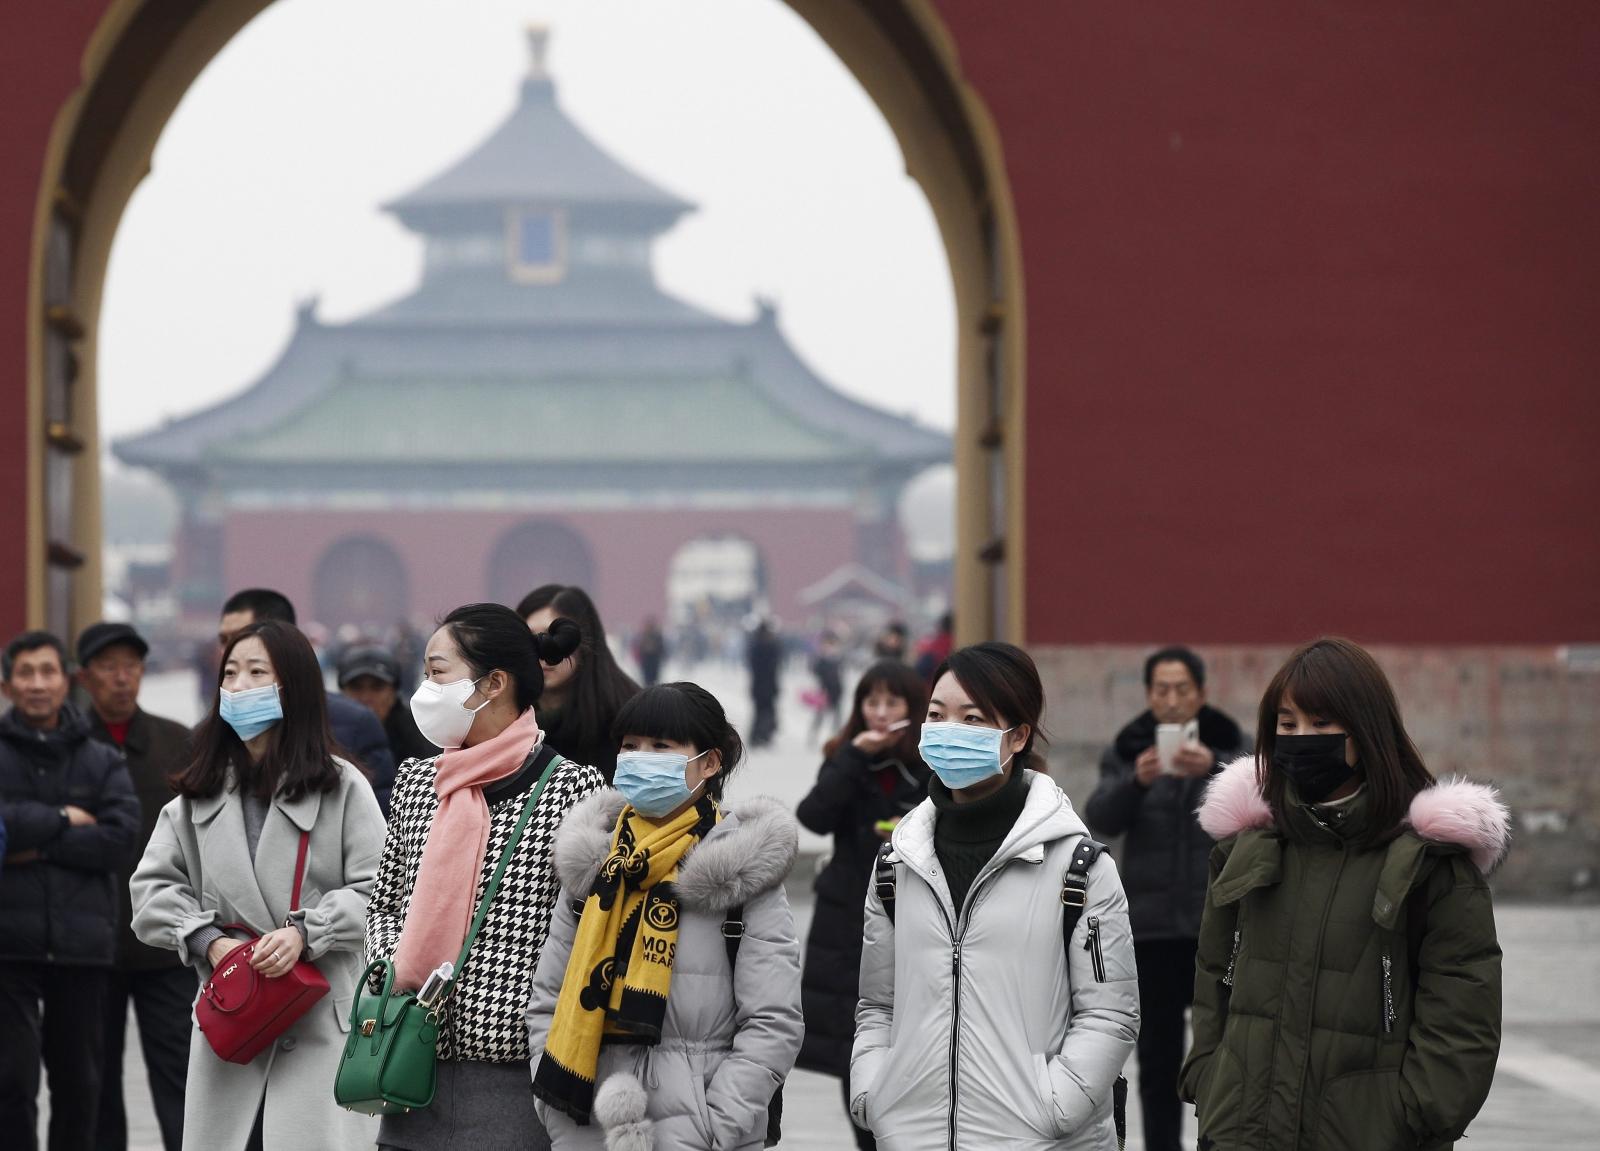 Wysoki poziom smogu w Chinach. Fot. EPA/ROLEX DELA PENA